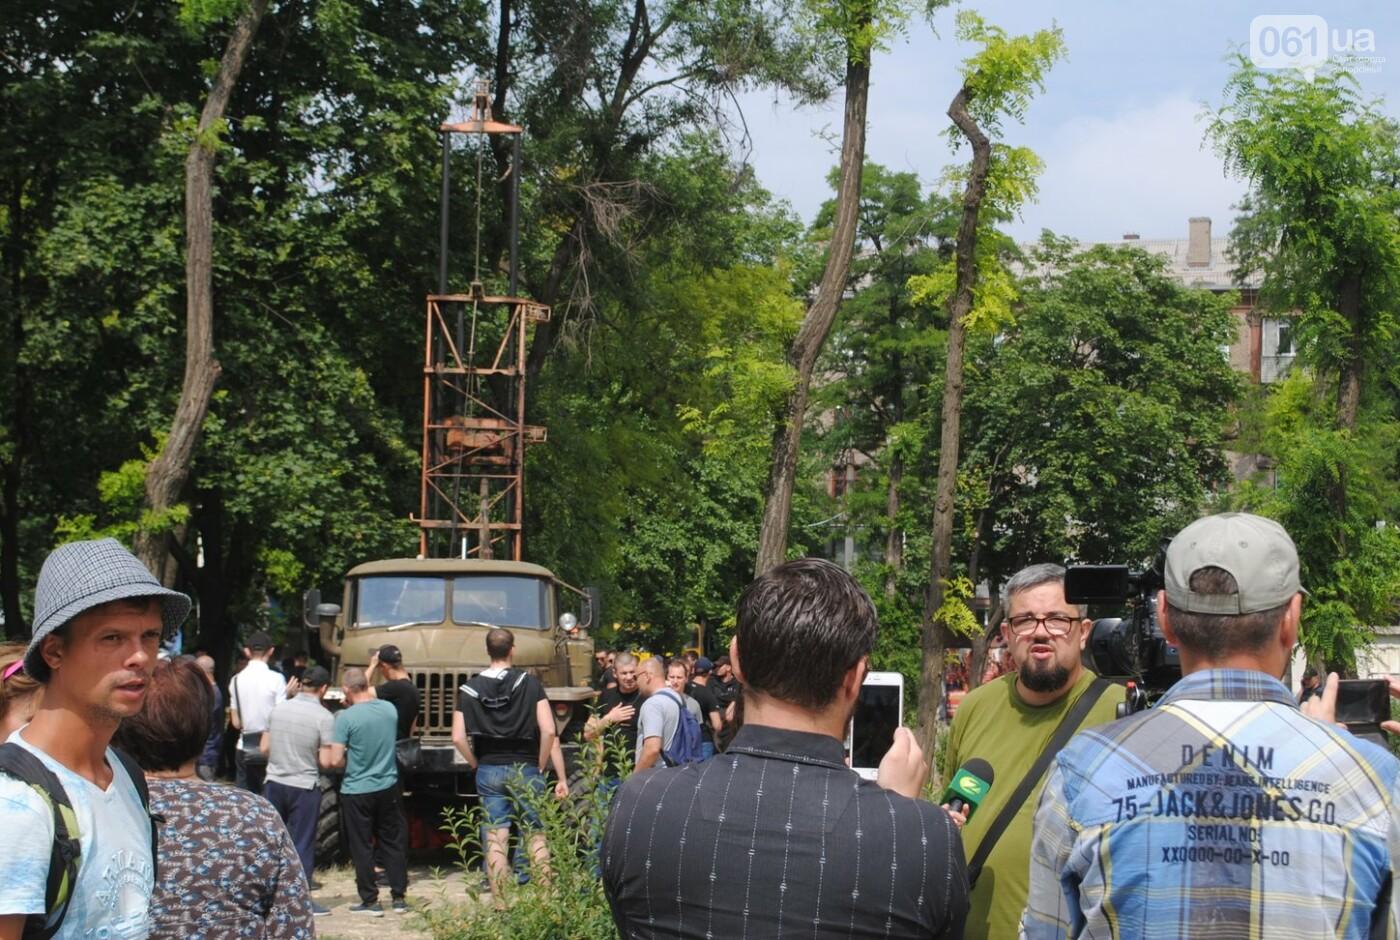 Протест в парке Яланского в лицах, - колоритный ФОТОРЕПОРТАЖ, фото-3